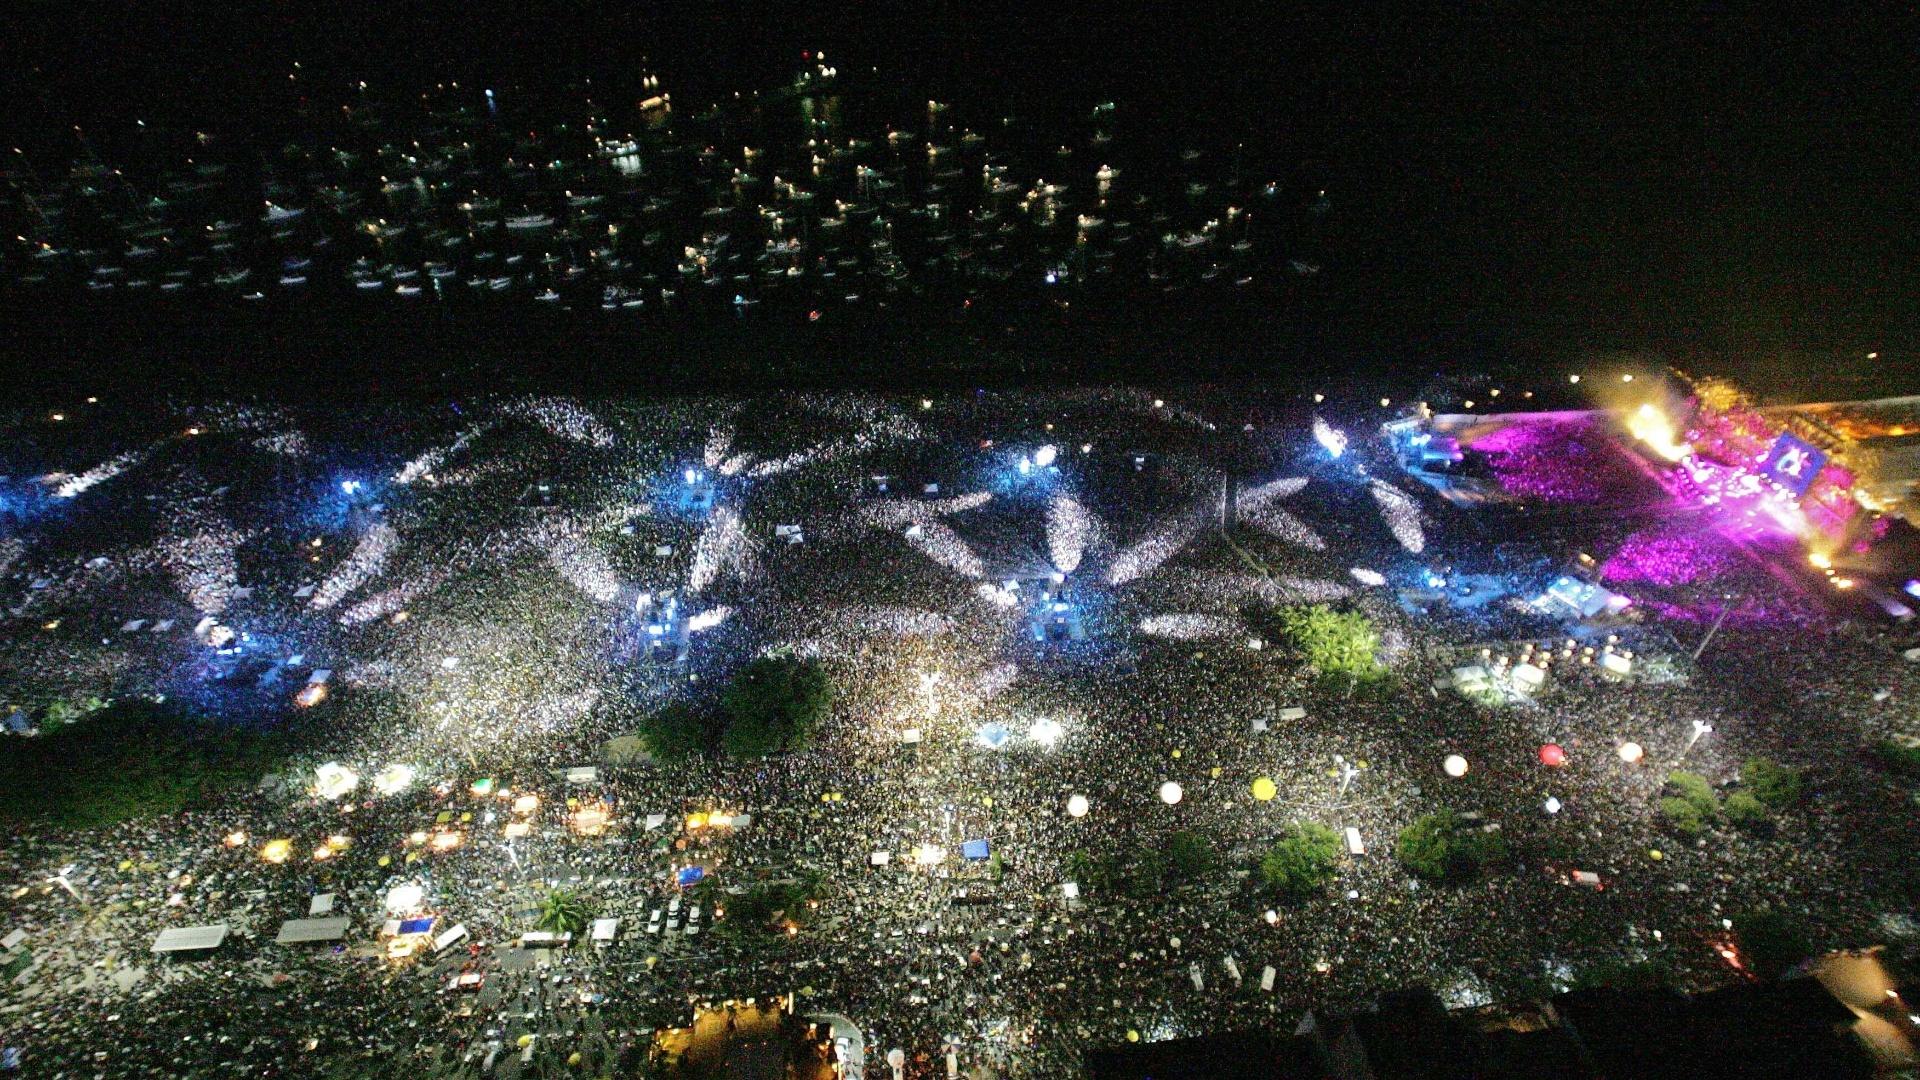 18.fev.2006 - Vista aérea do público que assistiu ao show dos Rolling Stones na praia de Copacabana, no Rio de Janeiro. A multidão foi estimada em 1,2 milhão de pessoas